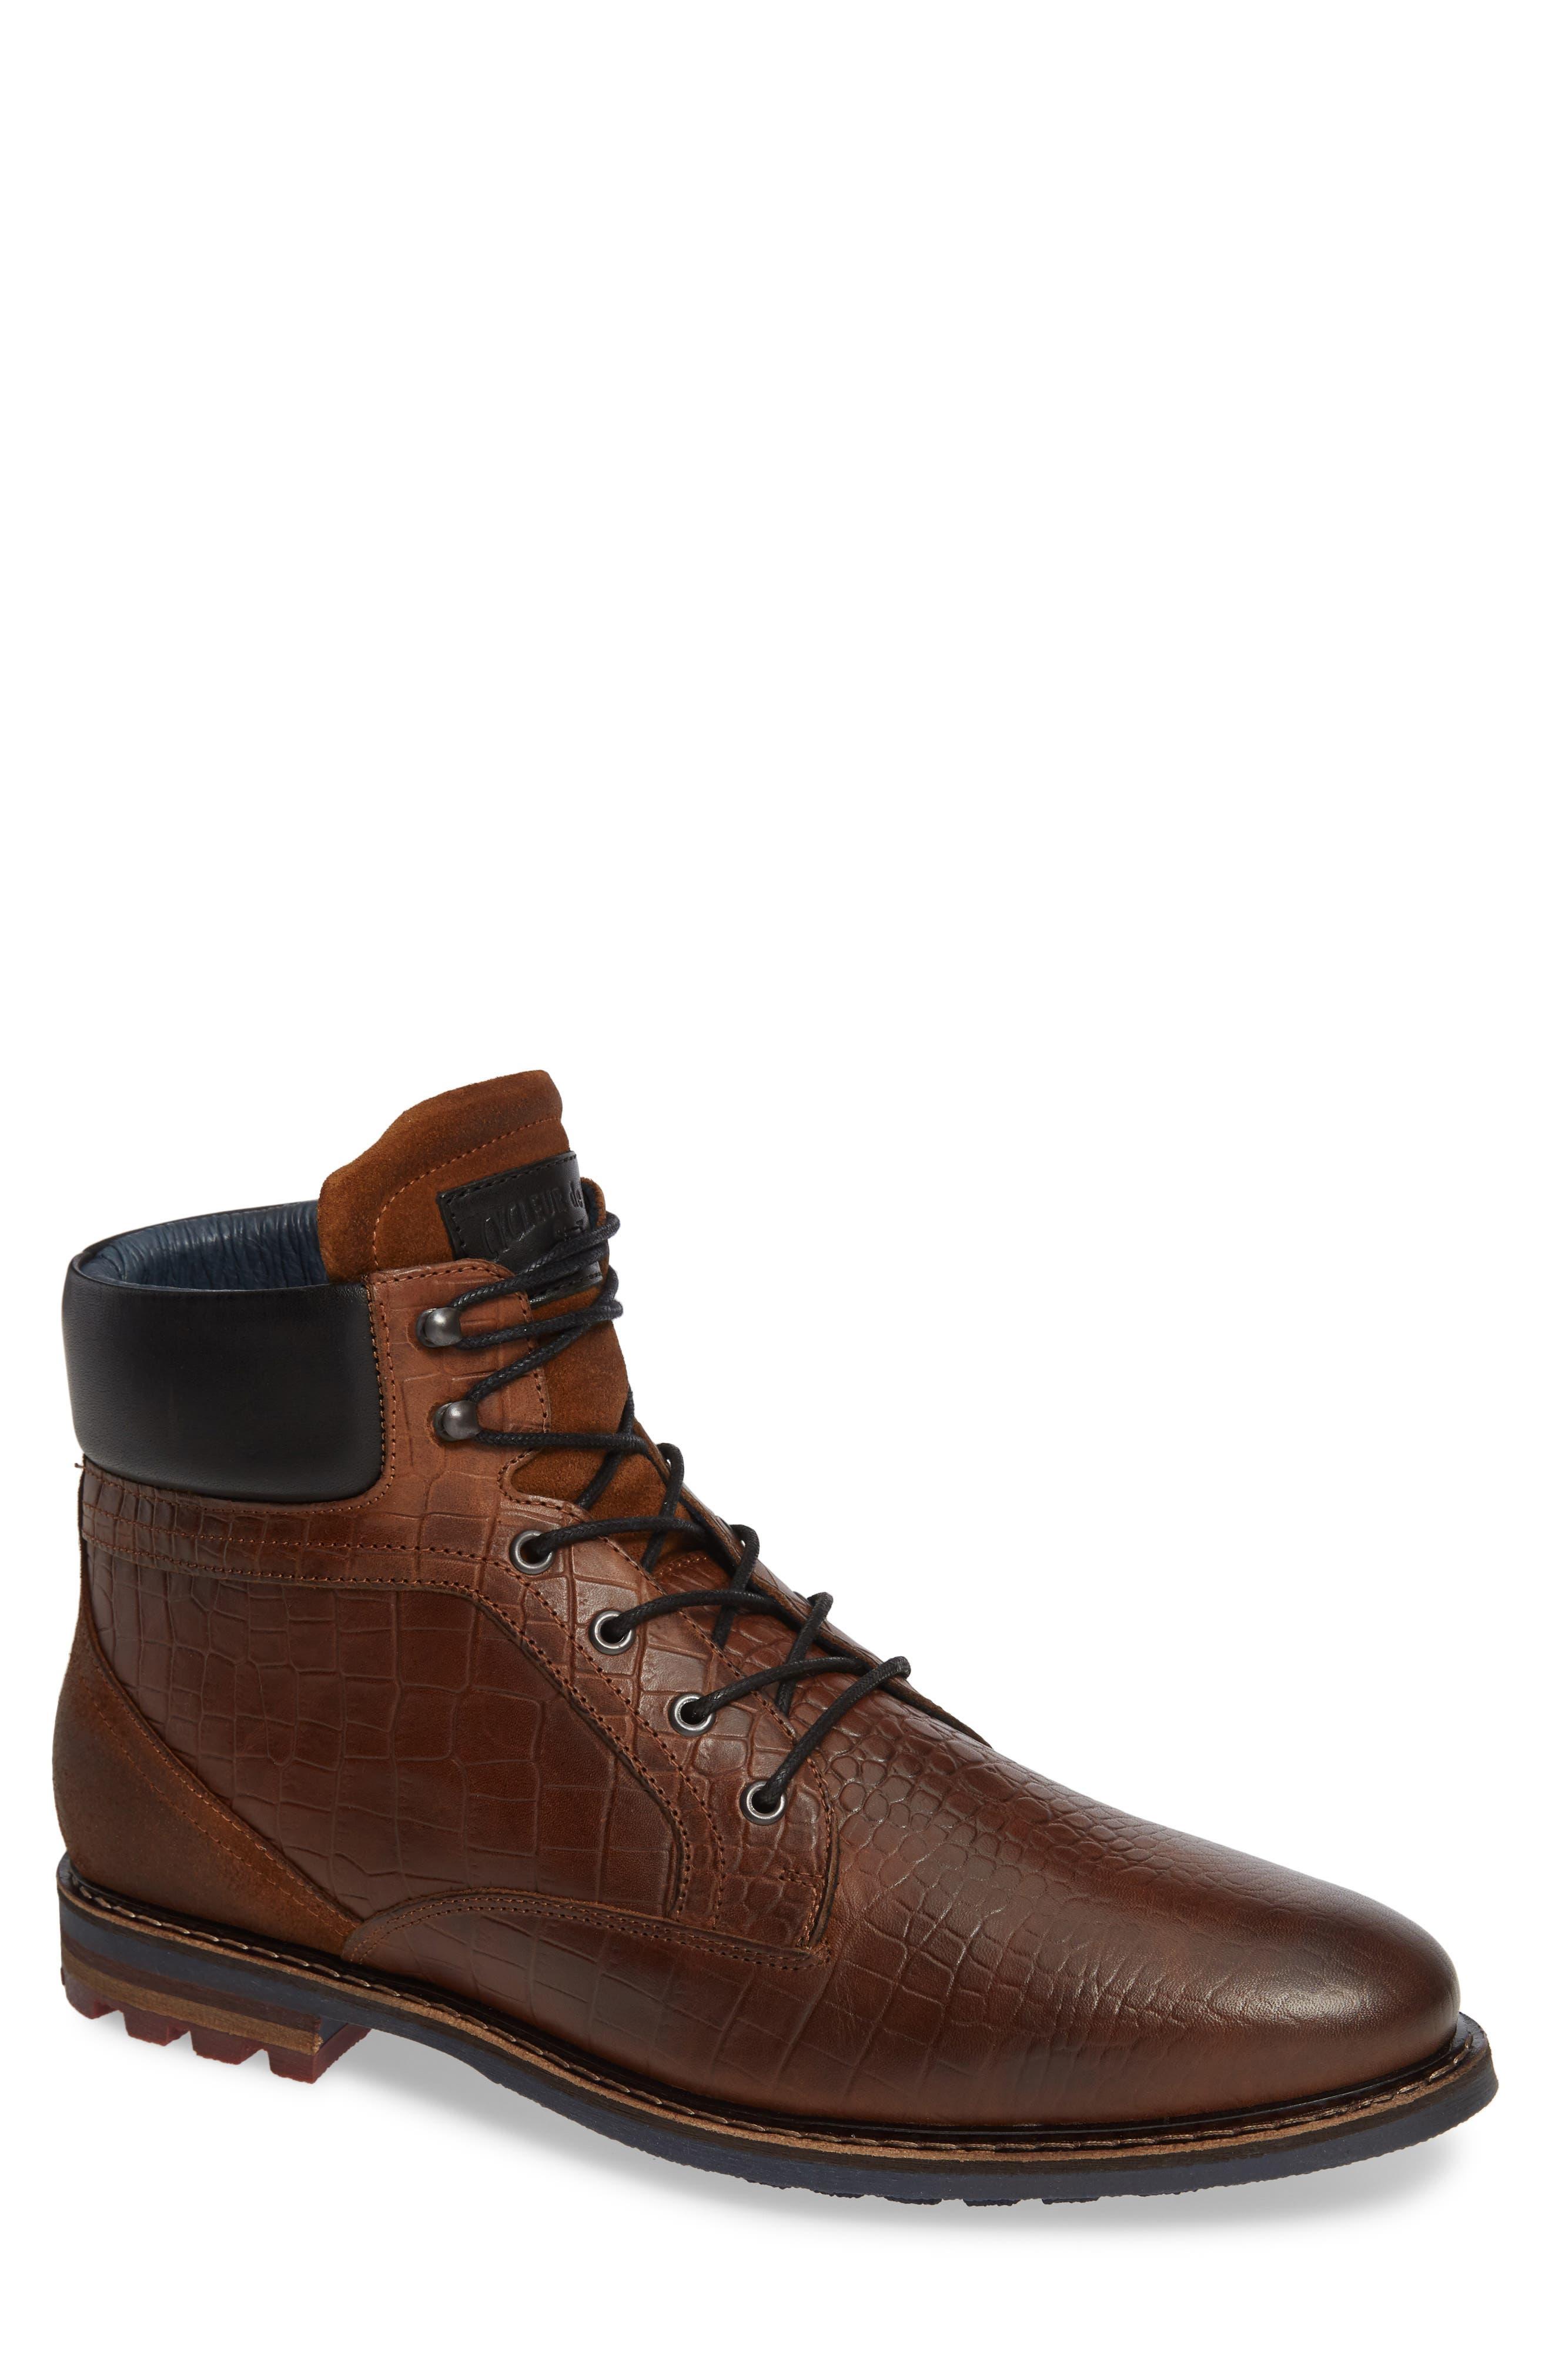 Trooper Plain Toe Boot,                         Main,                         color, DARK COGNAC